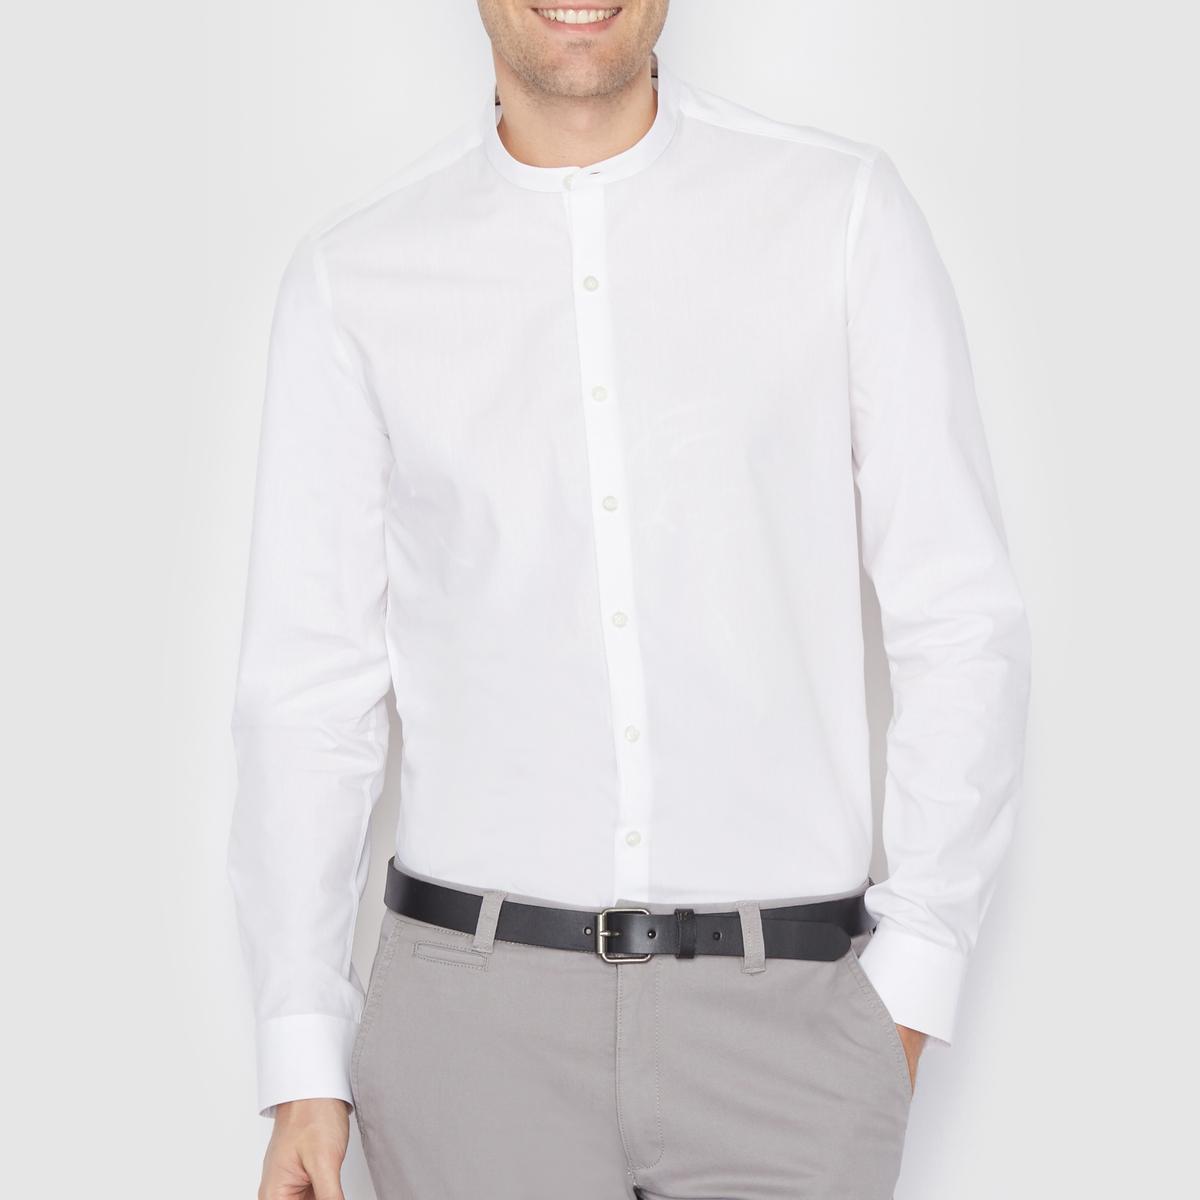 Рубашка зауженного покроя 100% хлопокРубашка в повседневном стиле, узкий покрой, воротник-стойка. Длина 77 см. Низ рукавов с застежкой на пуговицы. Рубашка, 100% хлопок.<br><br>Цвет: белый,небесно-голубой<br>Размер: 39/40.41/42.43/44.45/46.47/48.45/46.47/48.39/40